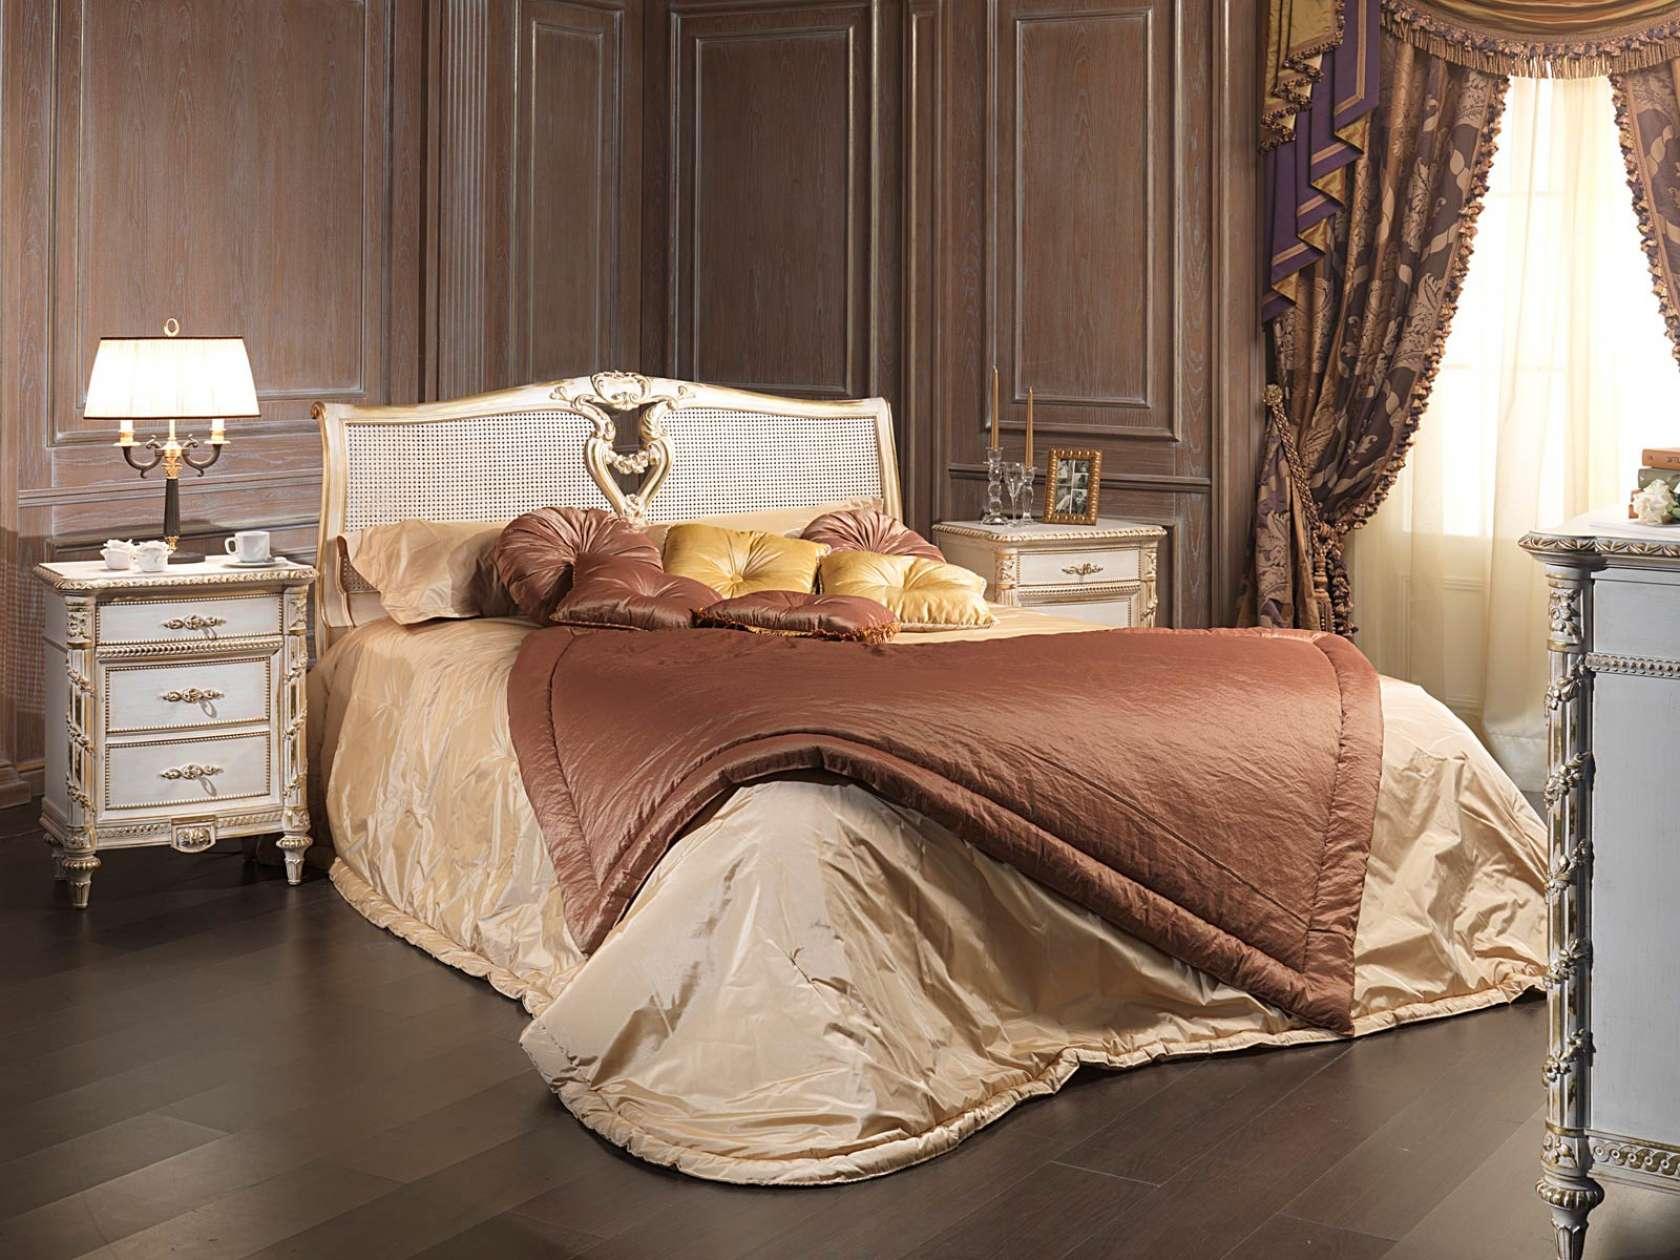 Letti A Baldacchino Per Cani : Camera da letto in stile luigi xvi letto in legno intagliato con